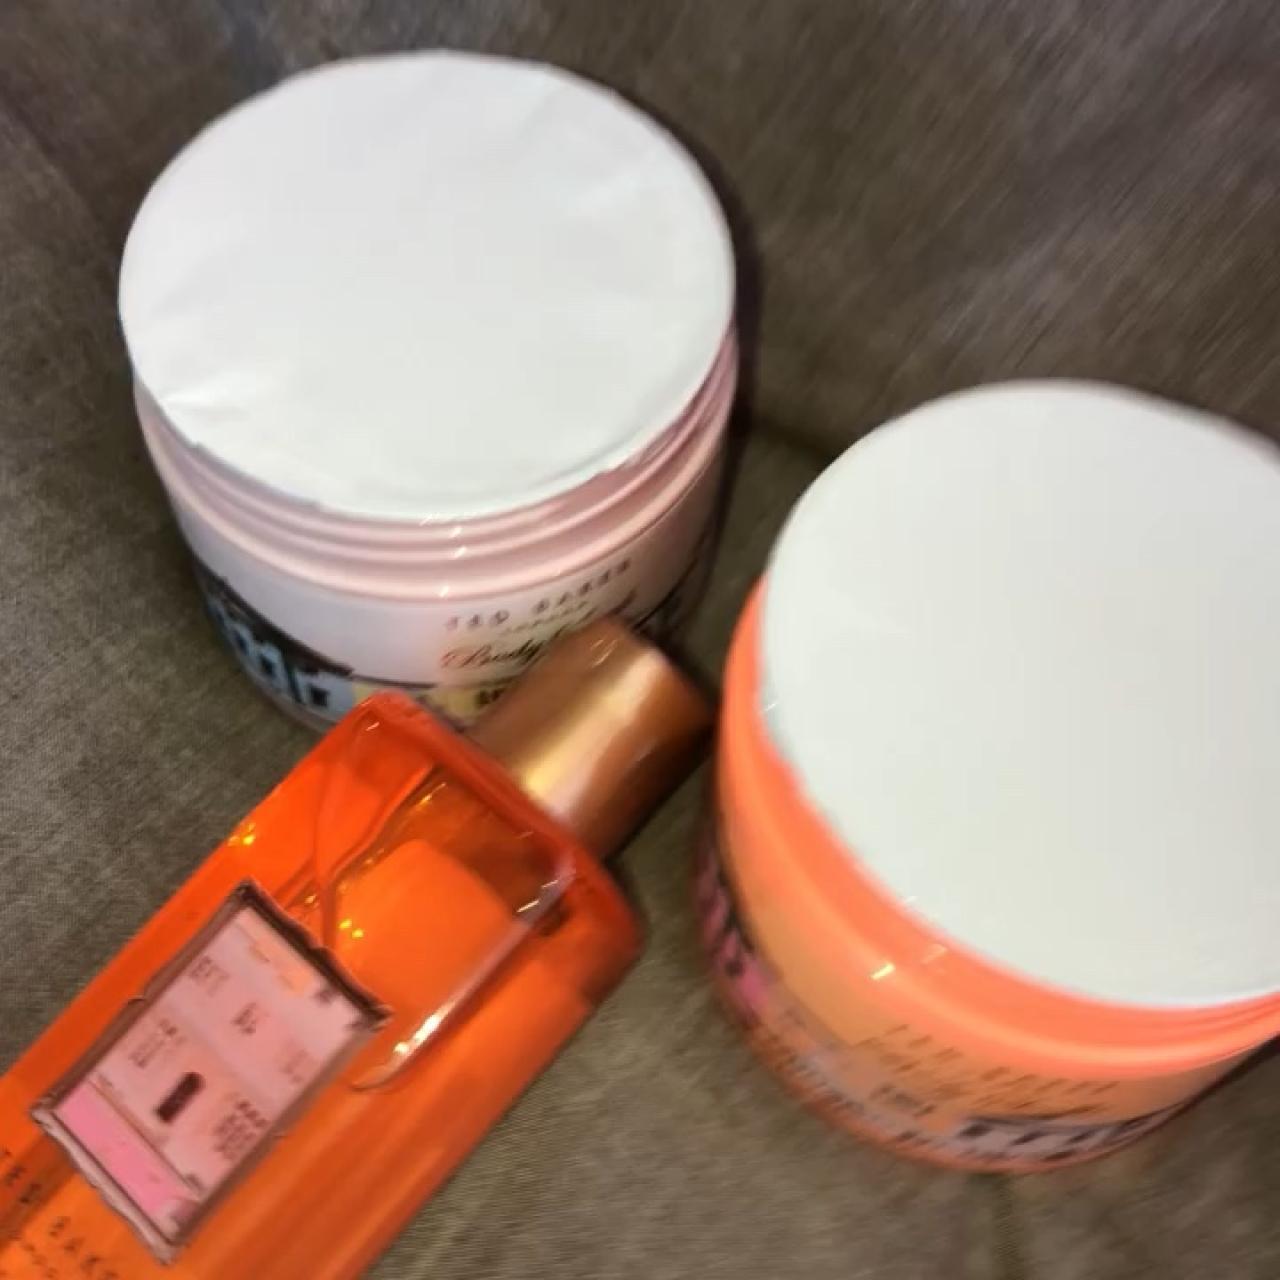 7c840b44abb Ted Baker 250ml Bath foam, 300ml Body scrub and body soufflé - Depop